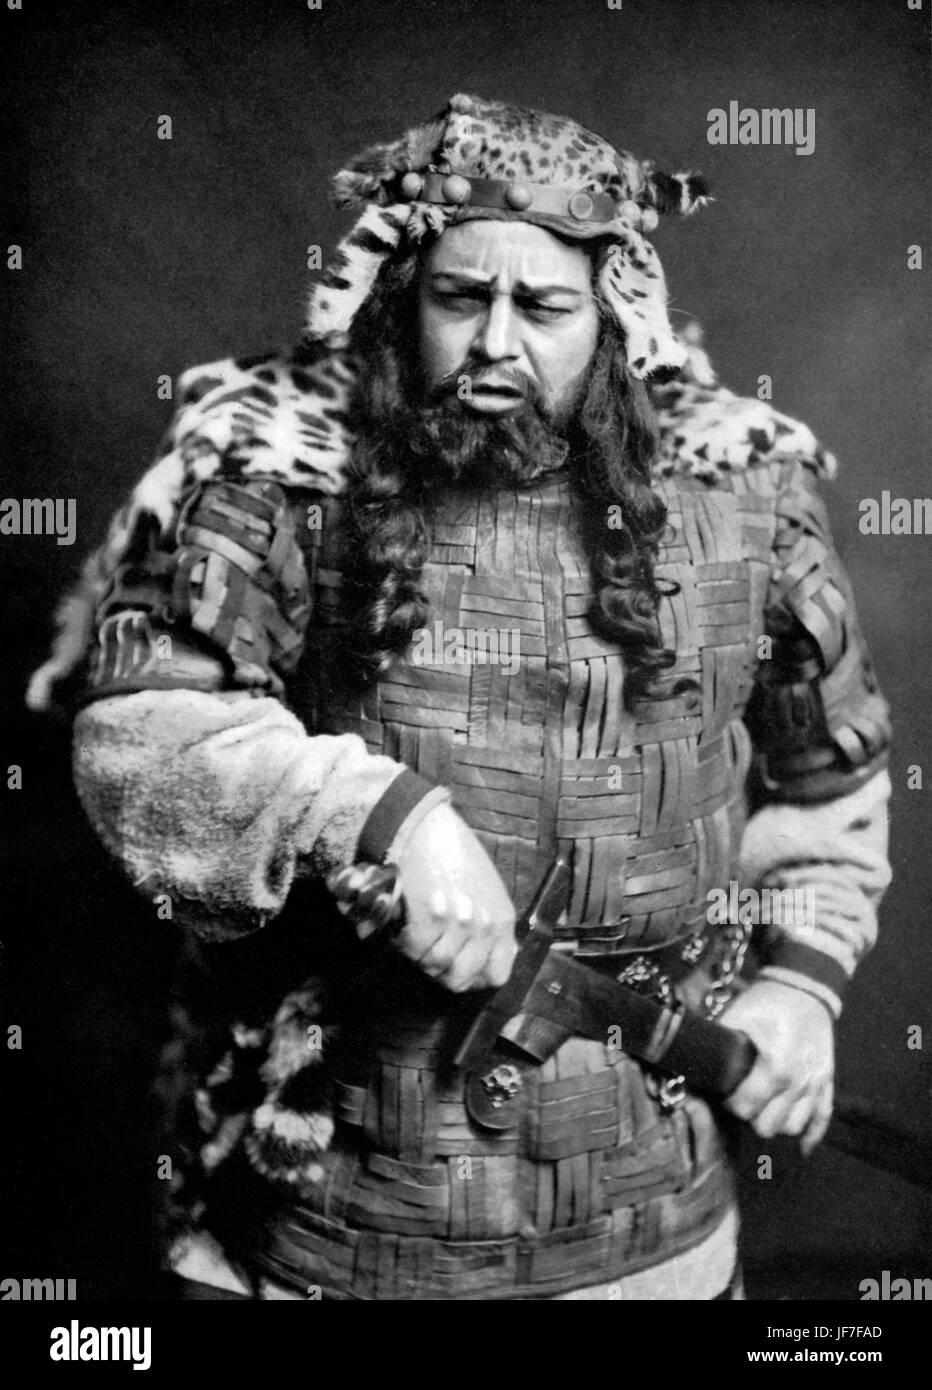 Claudio, Rey de Dinamarca, de William Shakespeare's Hamlet, interpretado por el Sr. Oscar Asche. 1905. Acompañando Imagen De Stock